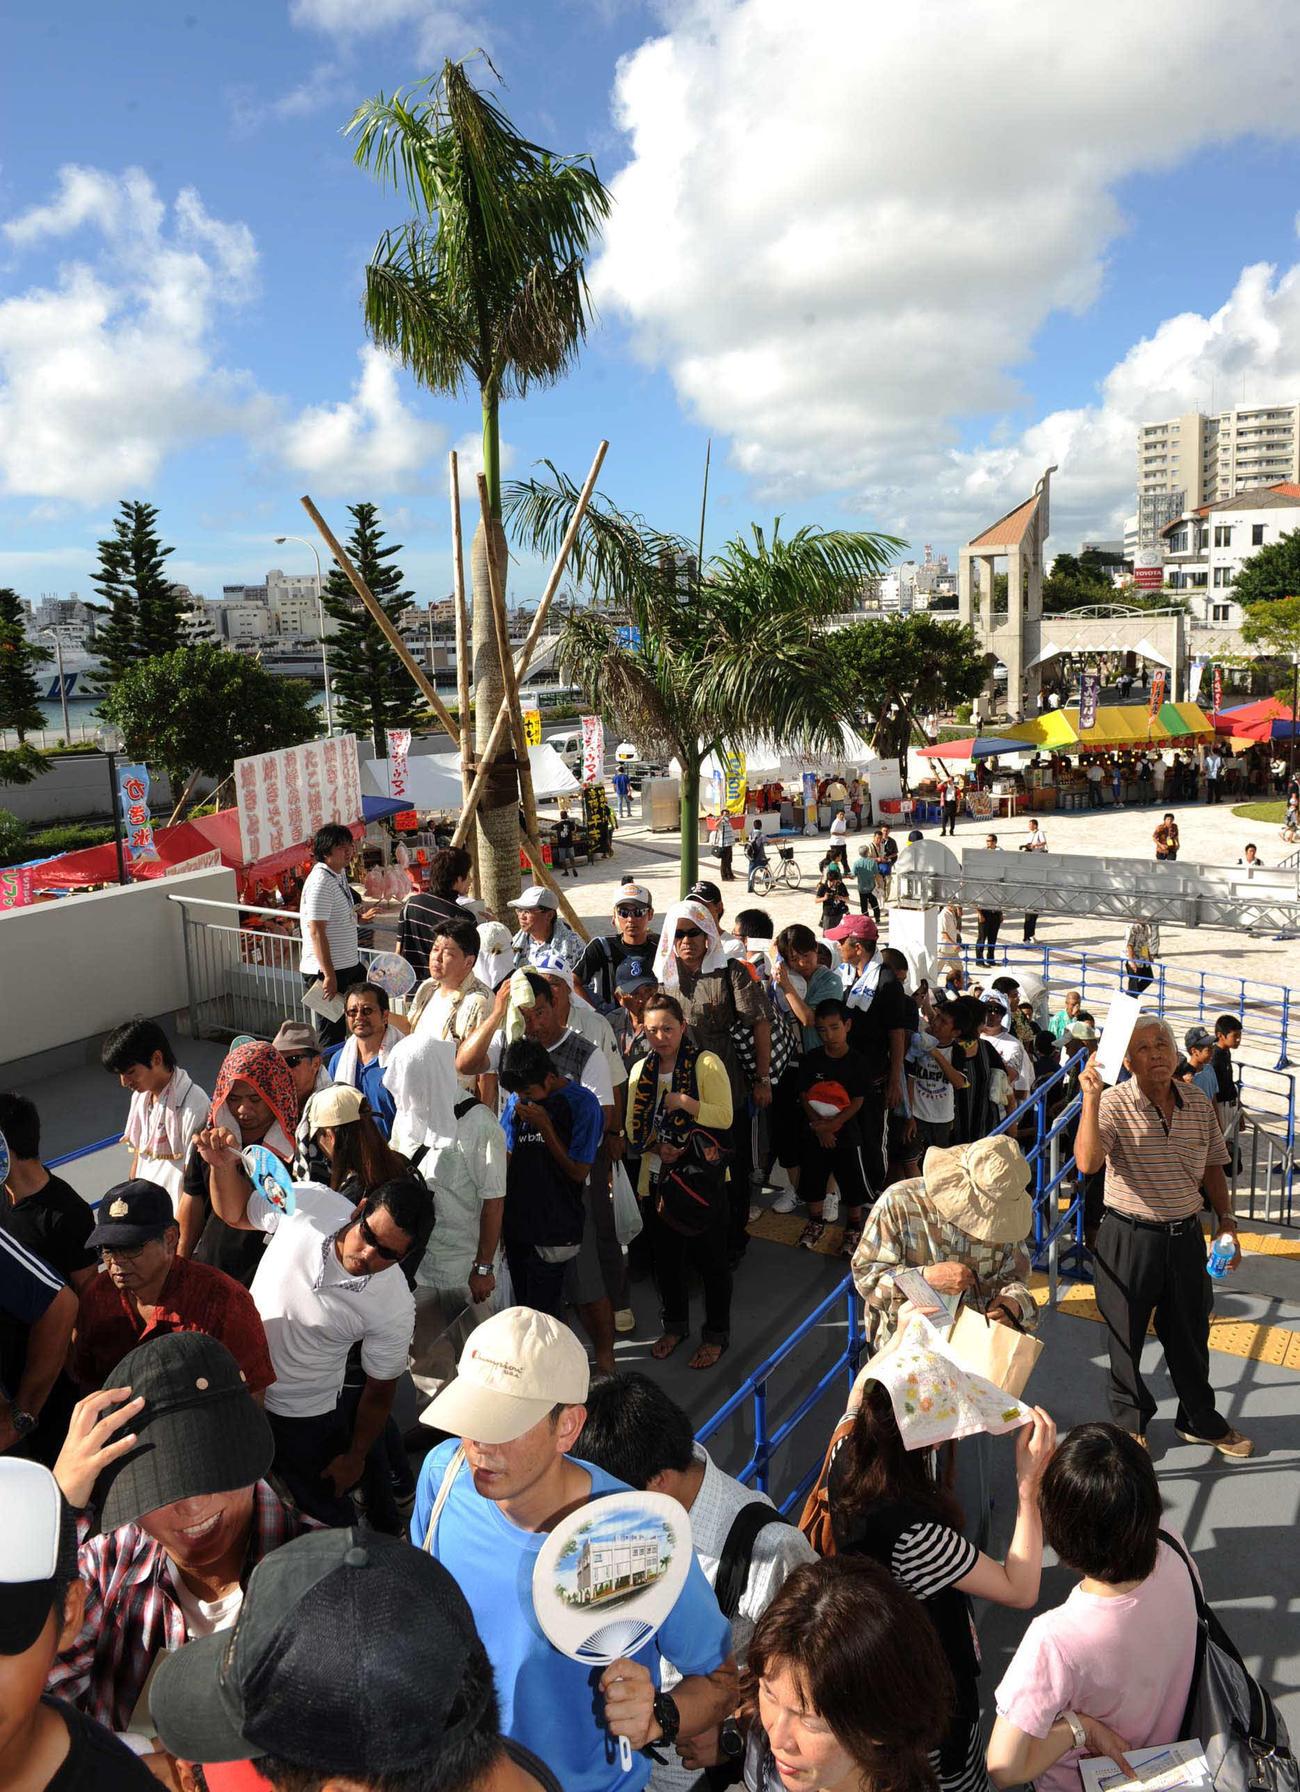 35年ぶりに沖縄でプロ野球の公式戦、横浜対ヤクルトが開催され、大勢のファンが開門を待ち長蛇の列をつくった(10年6月29日)